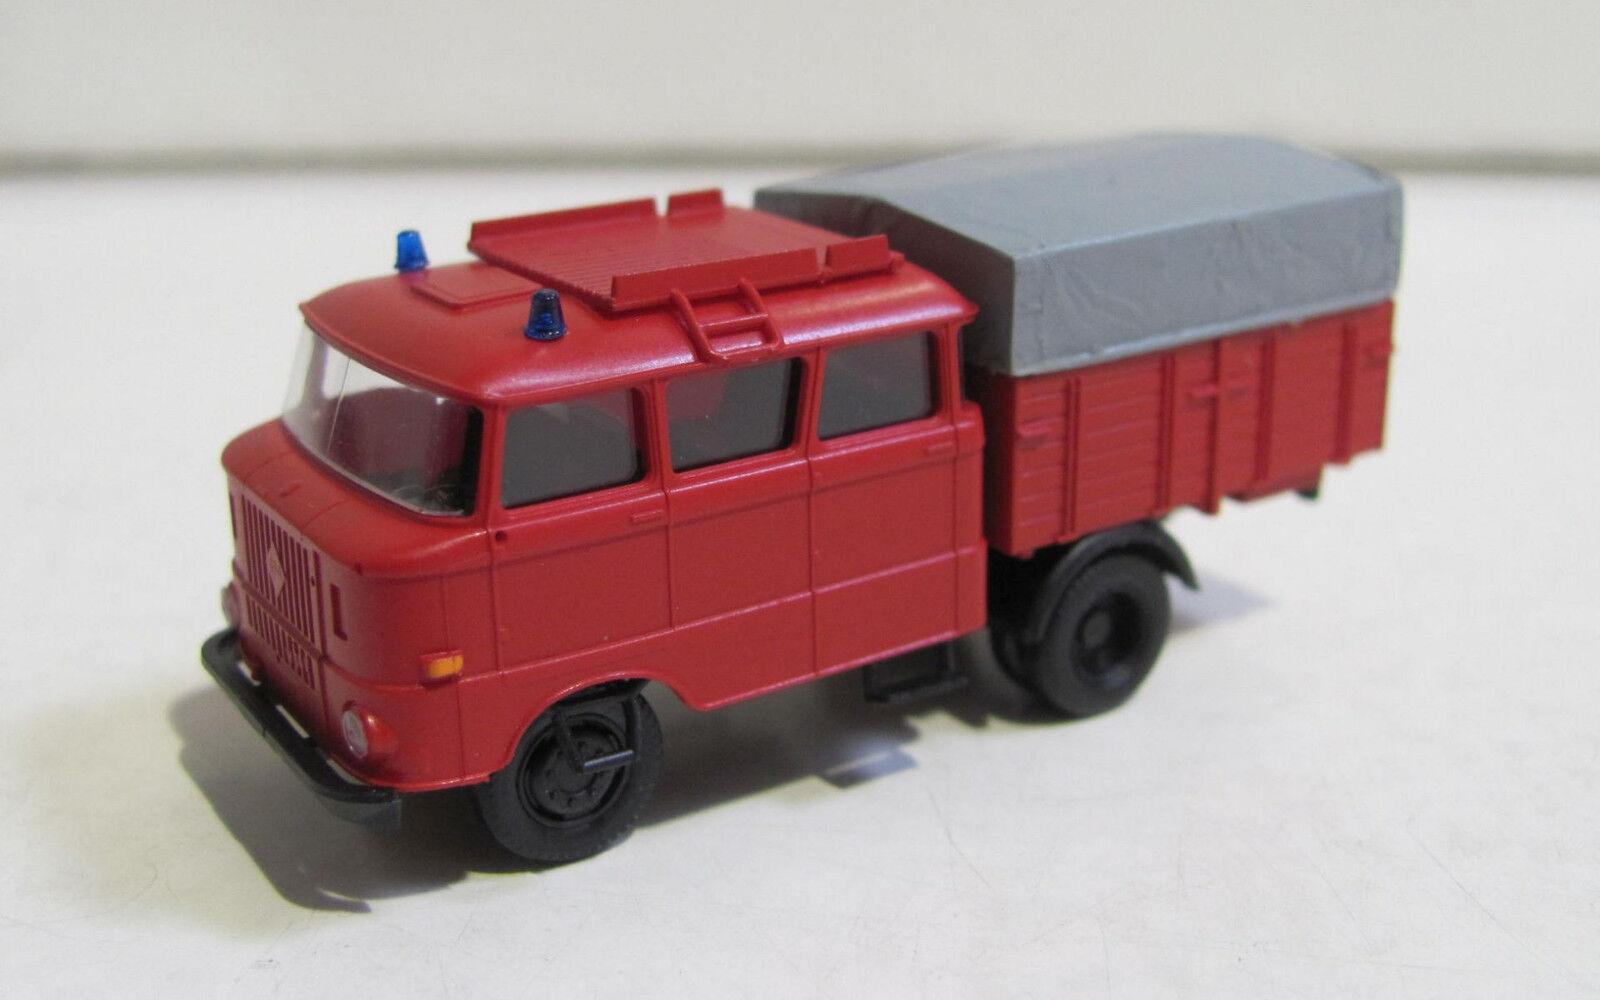 Hädl TT 127017 IFA W50L Feuerwehr Feuerwehr Feuerwehr Bautruppwagen NEU mit OVP 9e9a7e